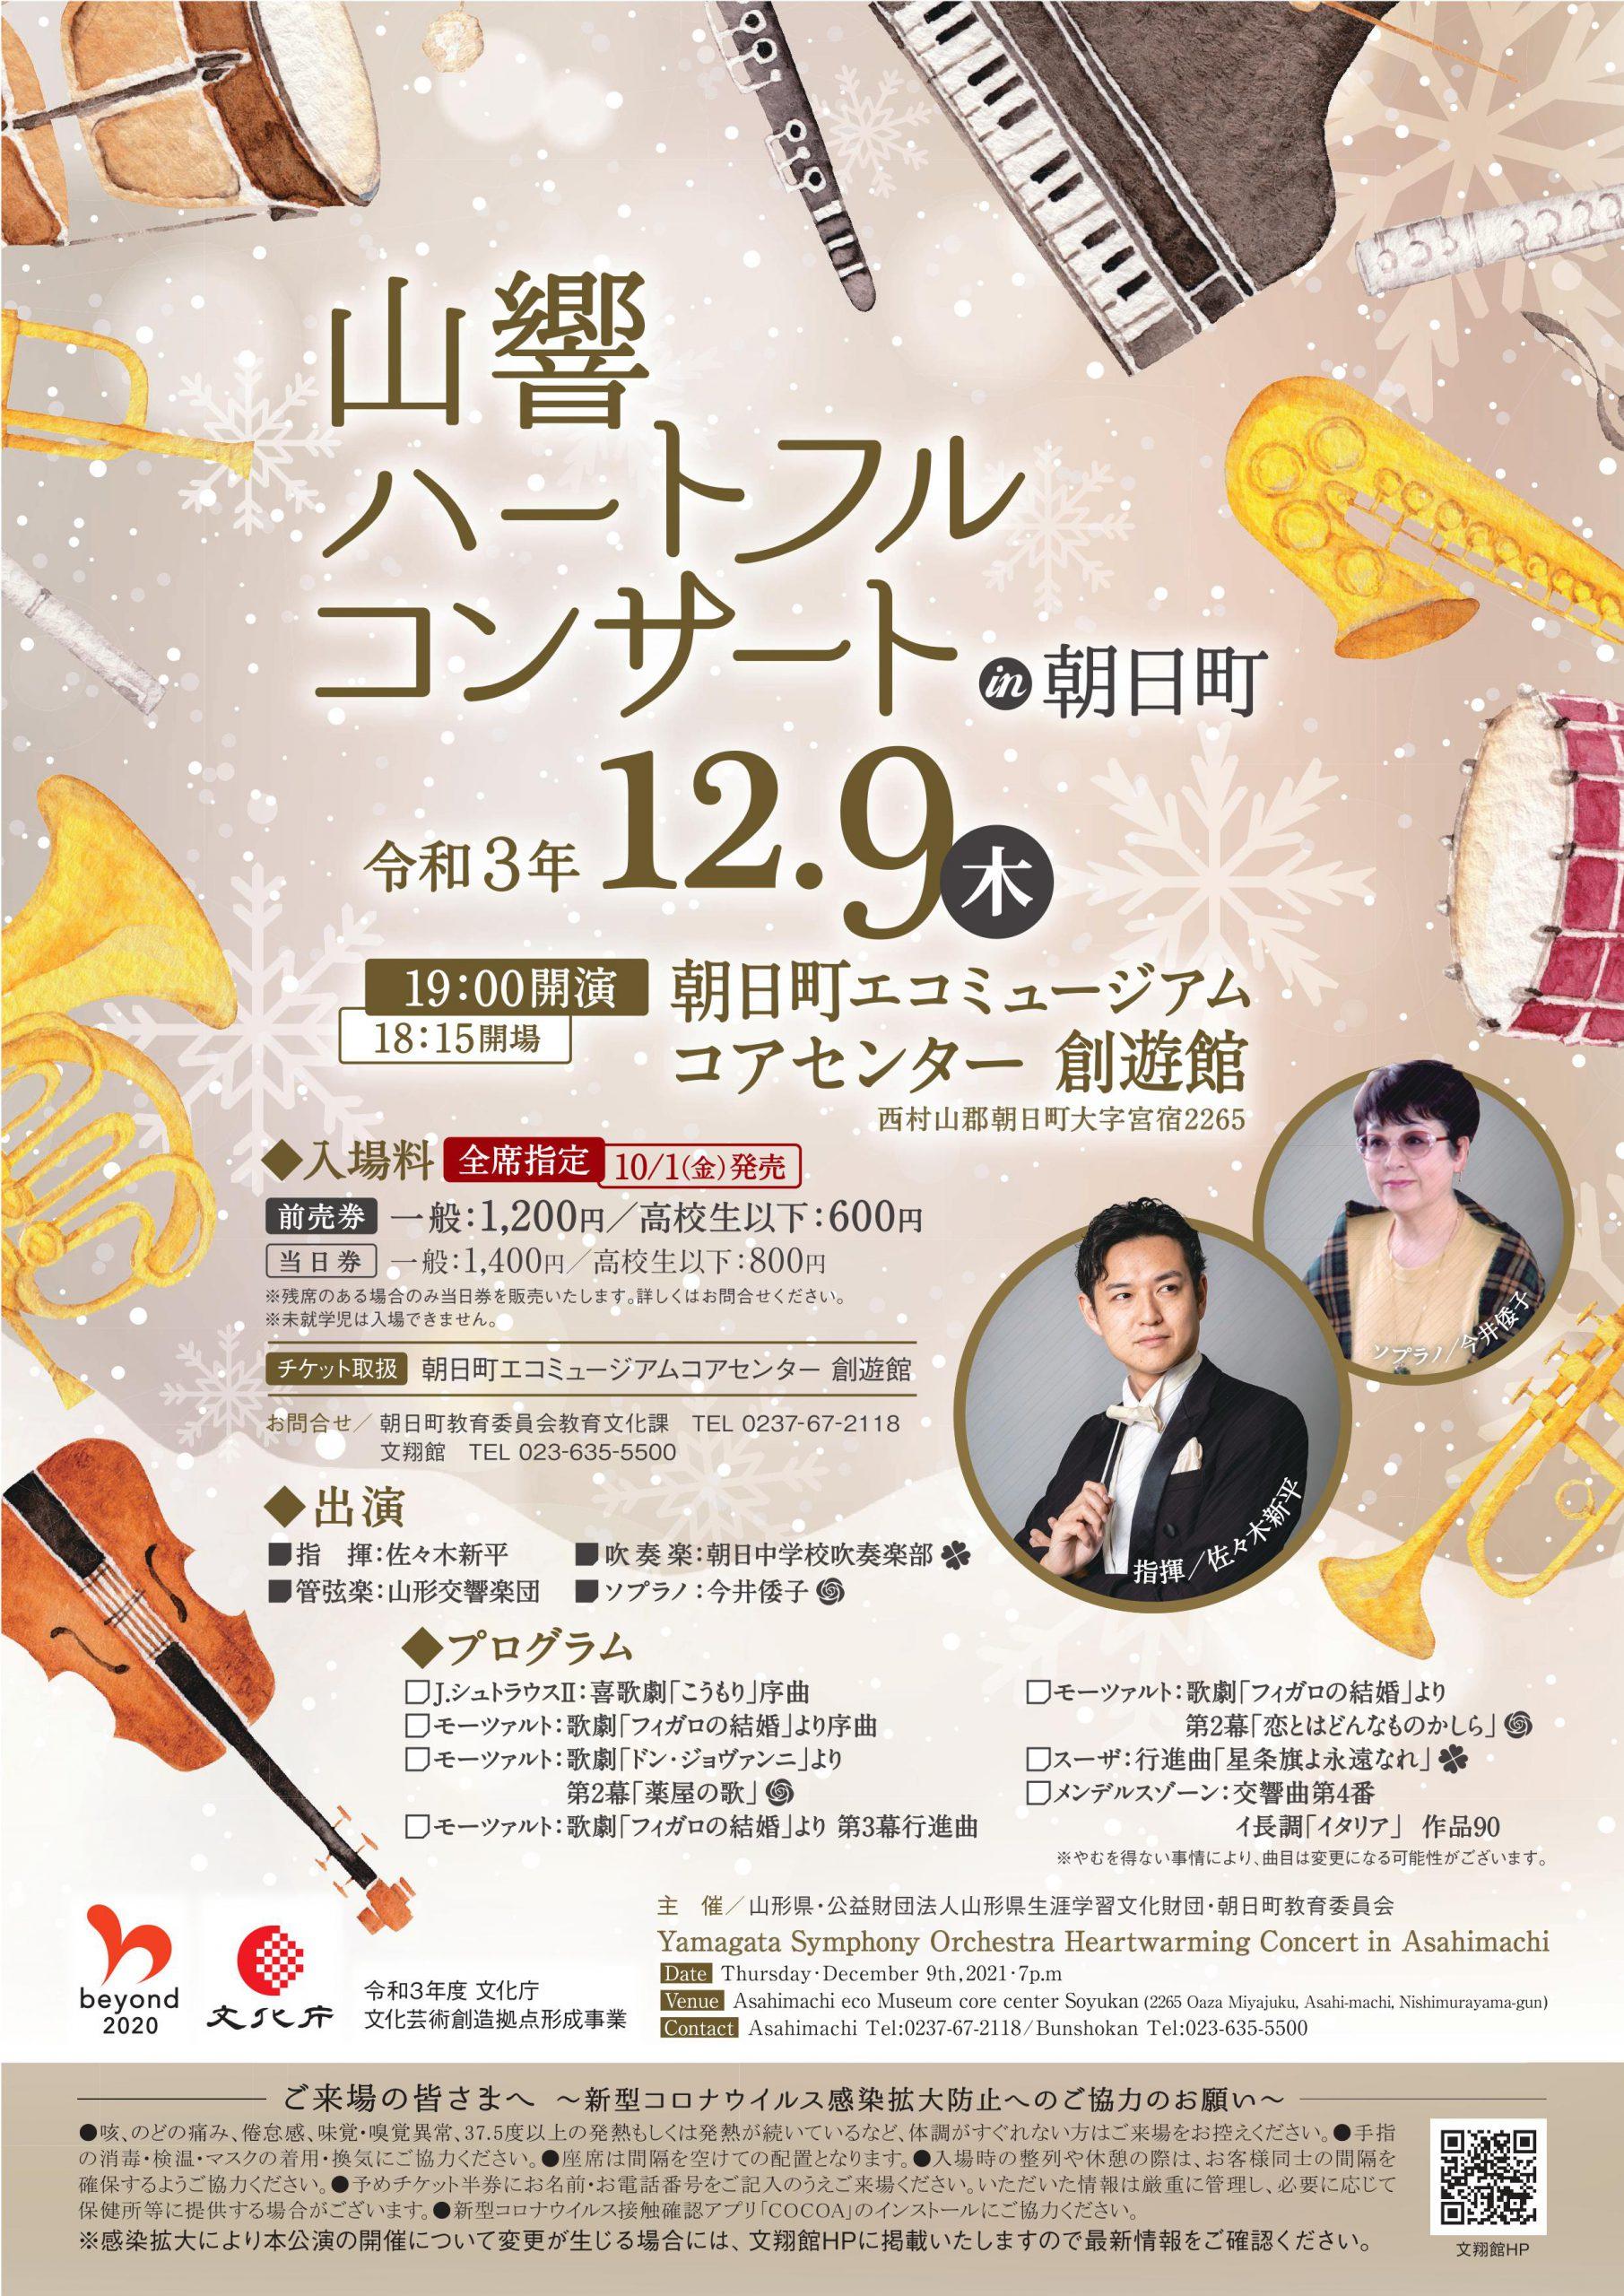 山響ハートフルコンサート㏌朝日町【10月1日チケット発売】